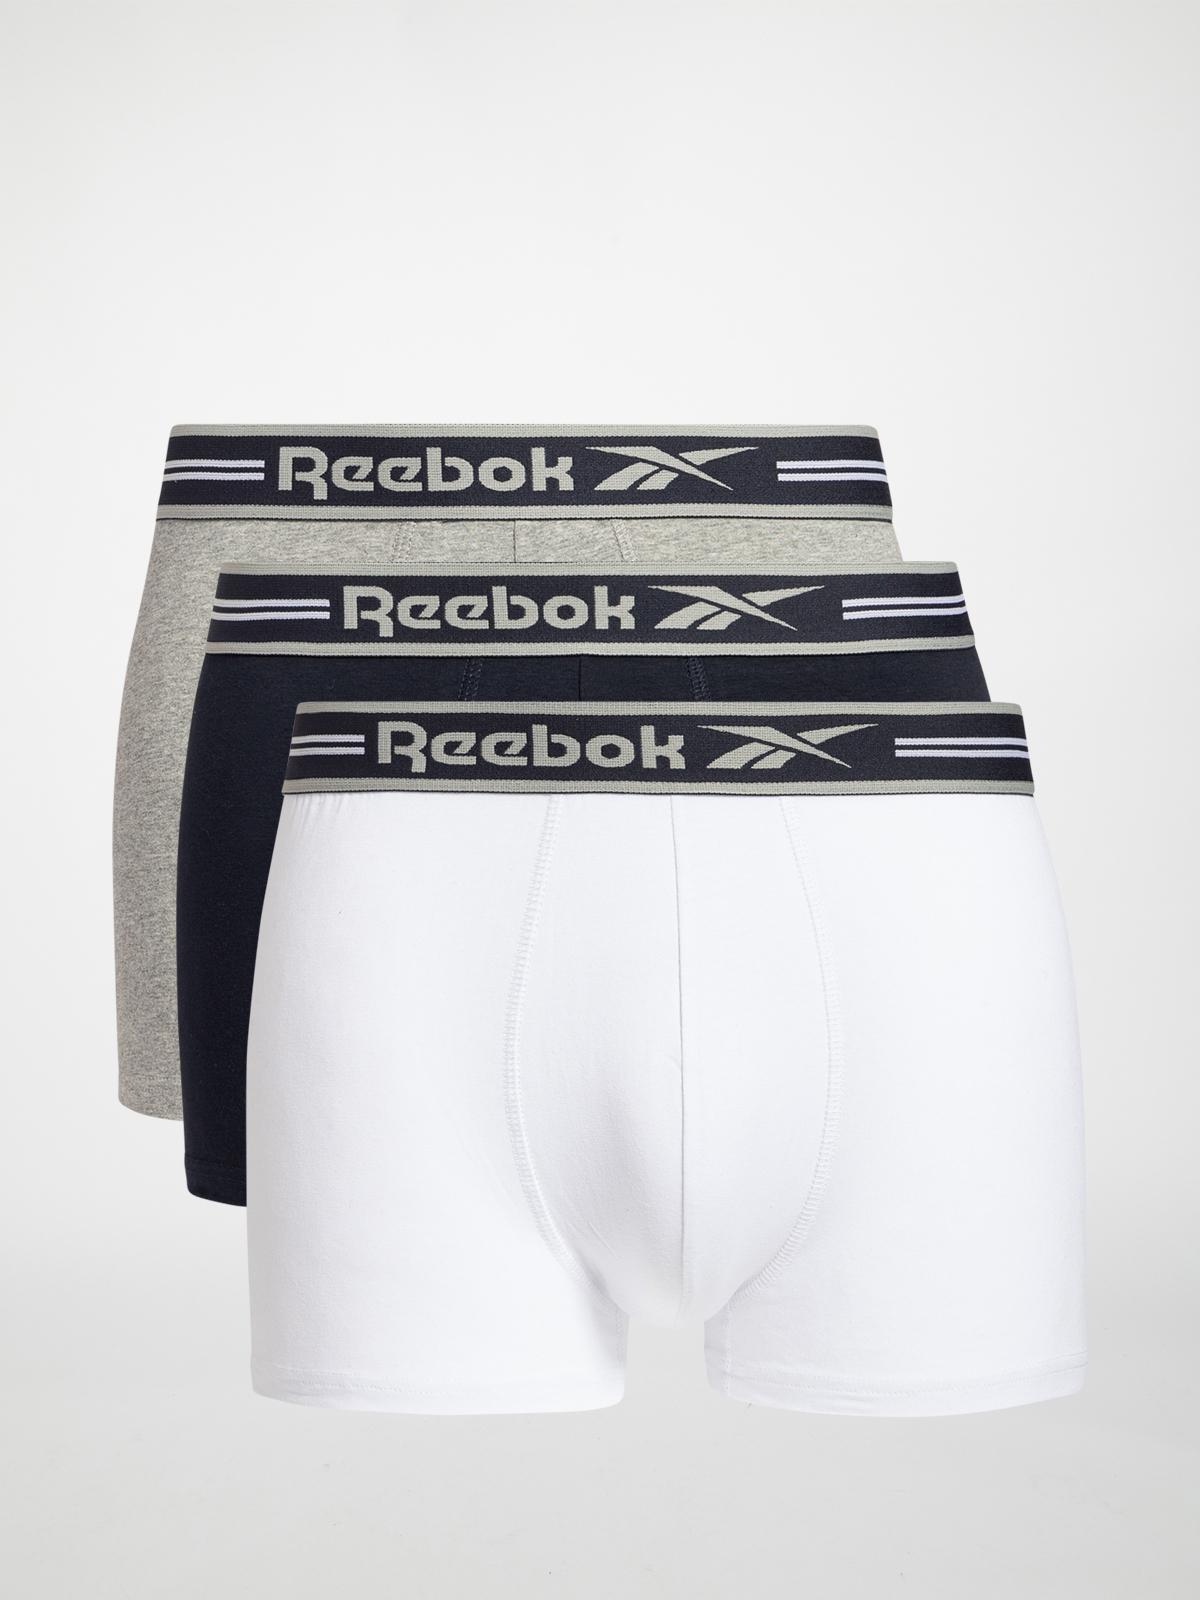 Reebok Boxershorts 3er Set in weiss für Herren, Größe: XL